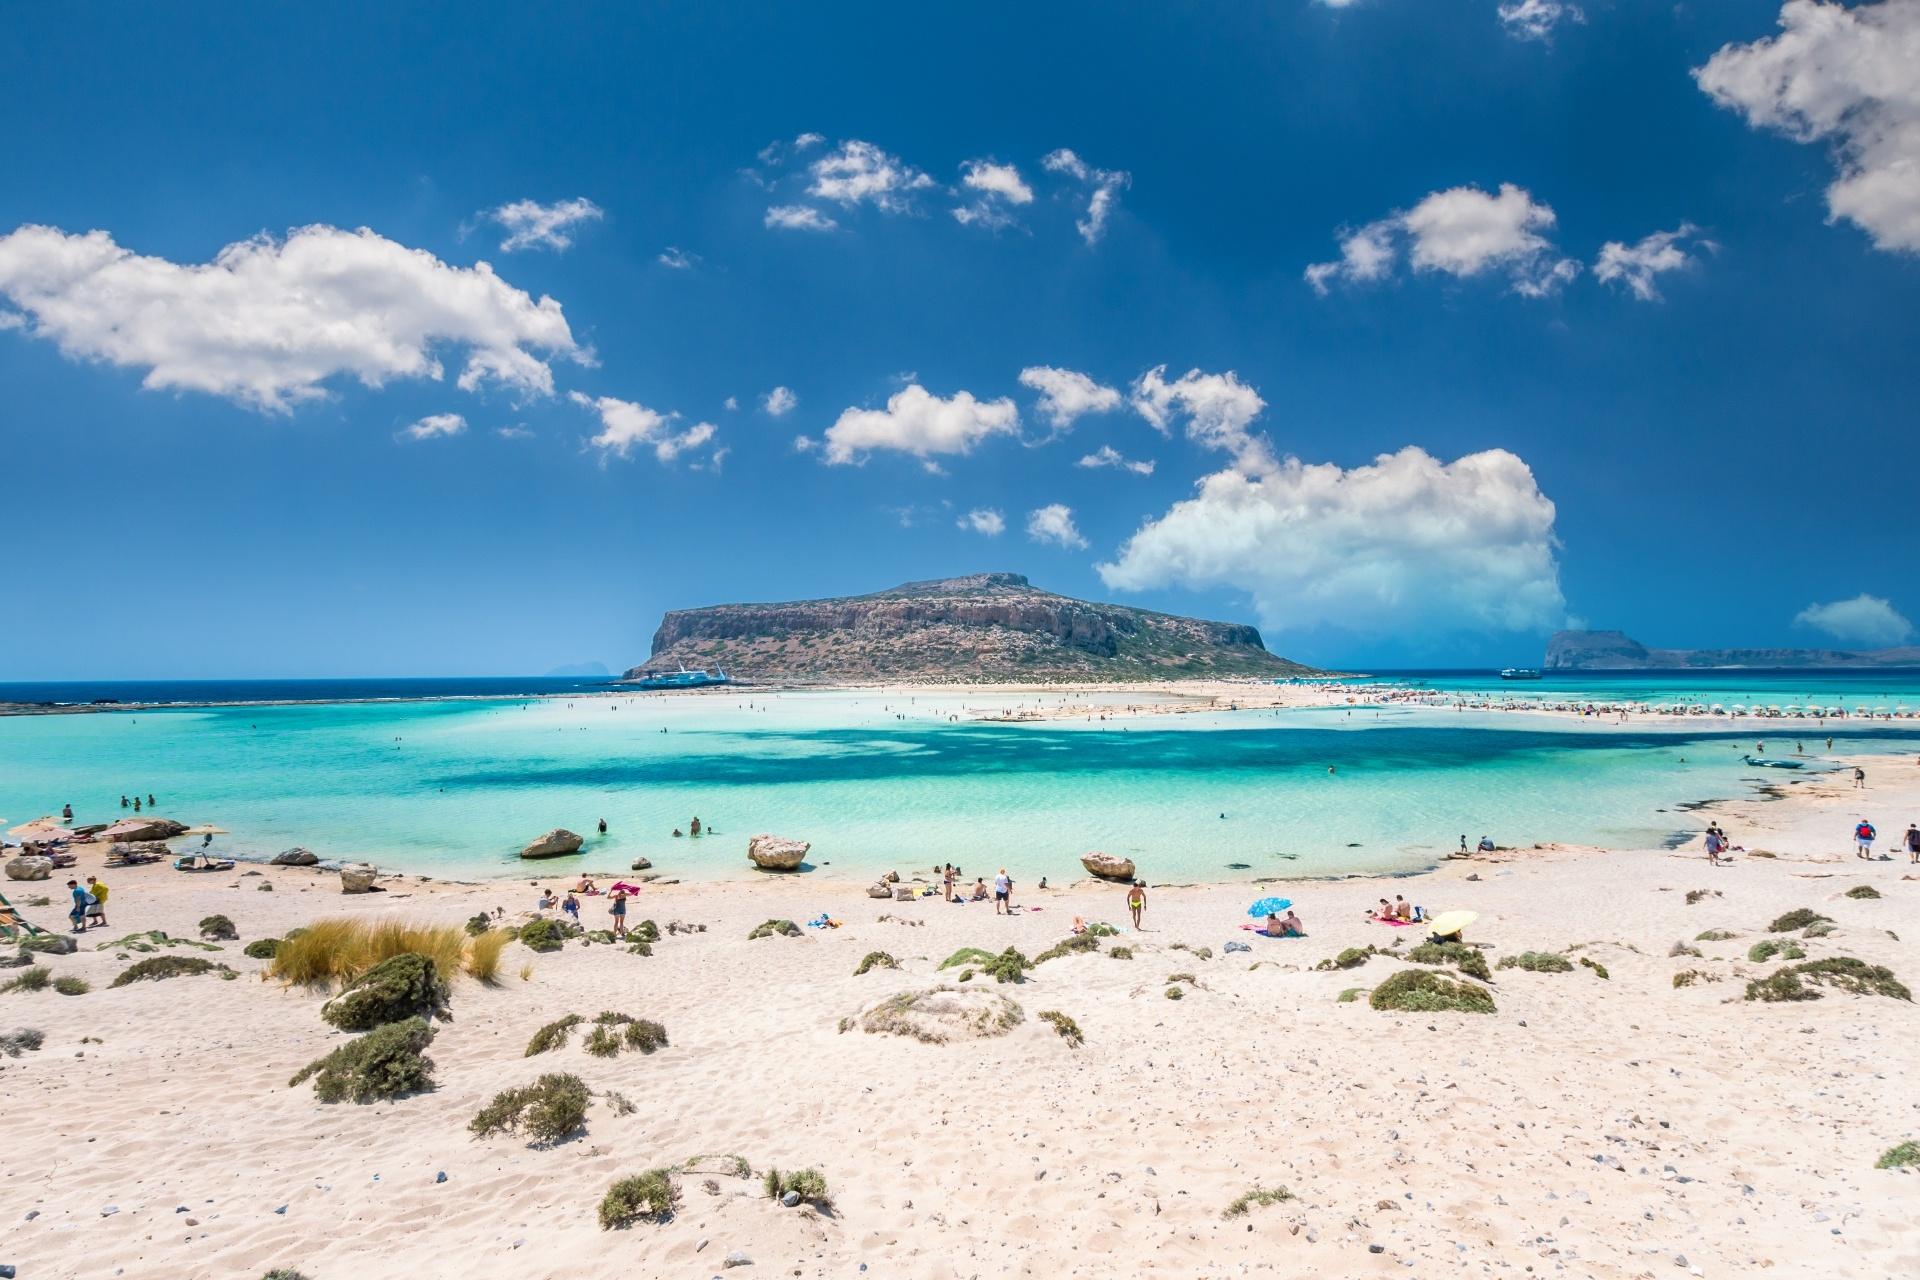 クレタ島の風景 ギリシャの風景